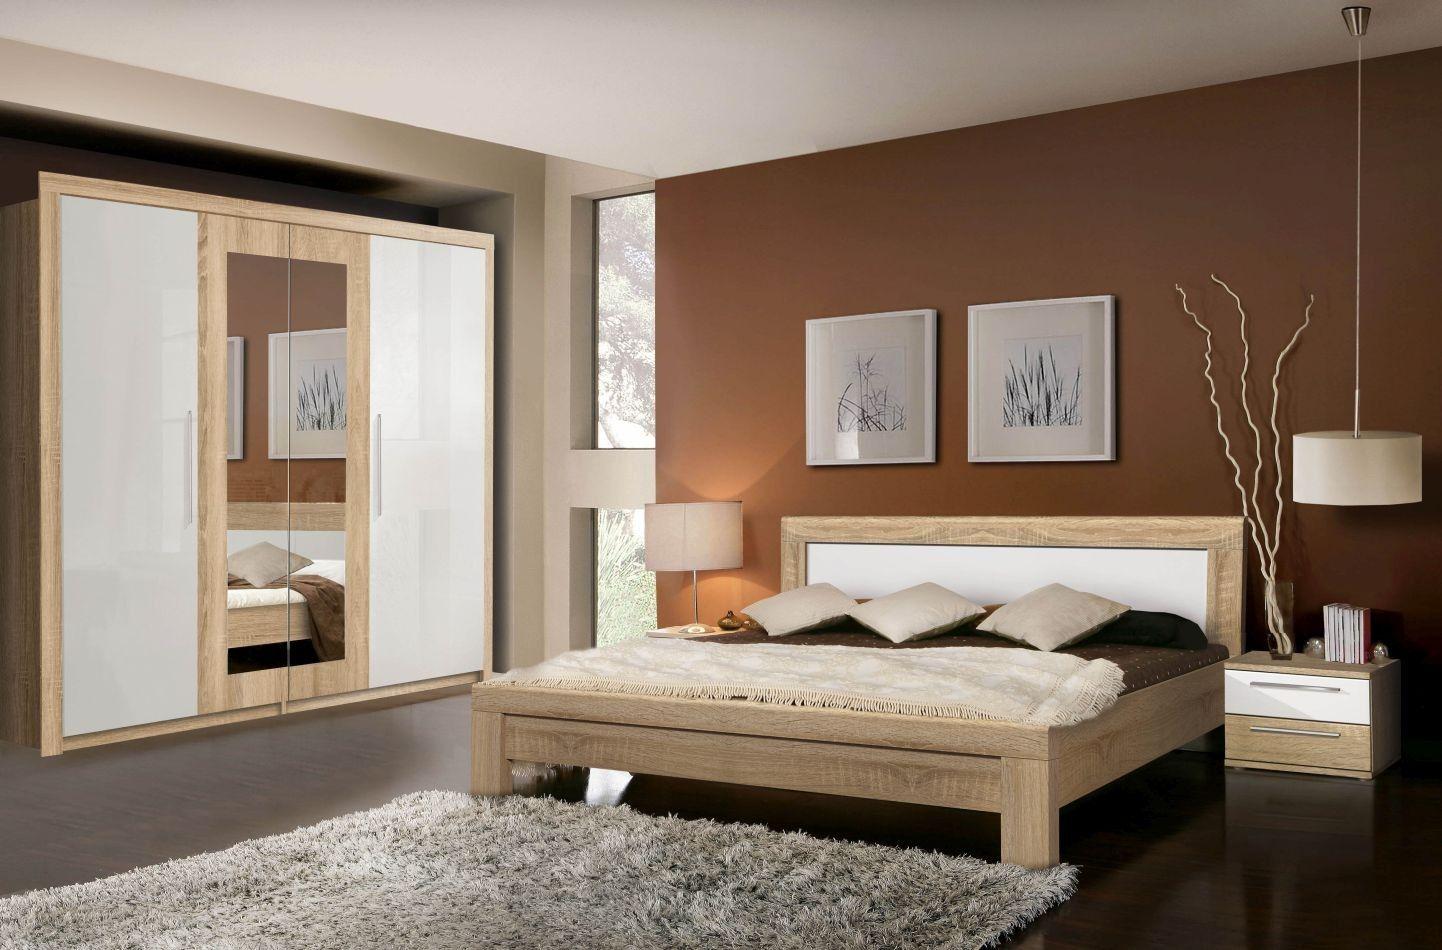 Billig schlafzimmer komplett sonoma eiche -  Haus, Wohnzimmer